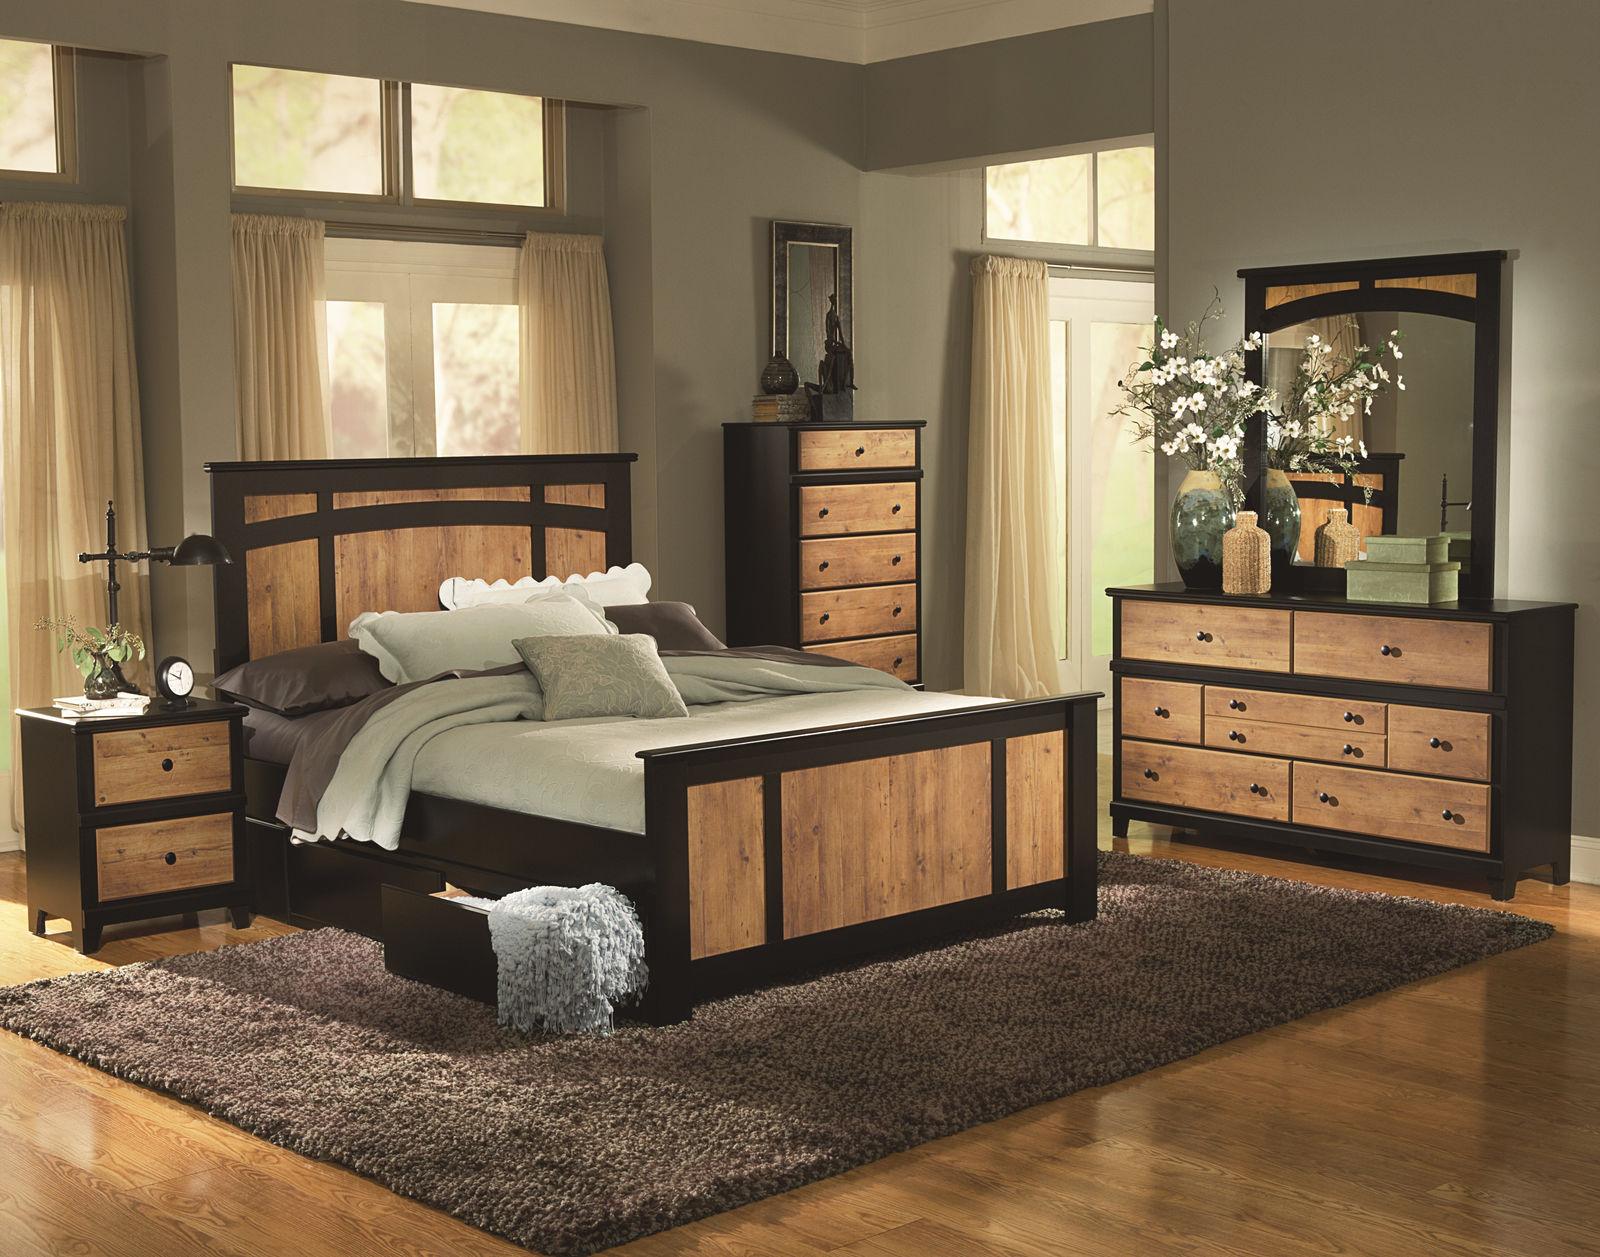 Мебель из светлого дерева прекрасно дополнит мягкую цветовую гамму комнаты